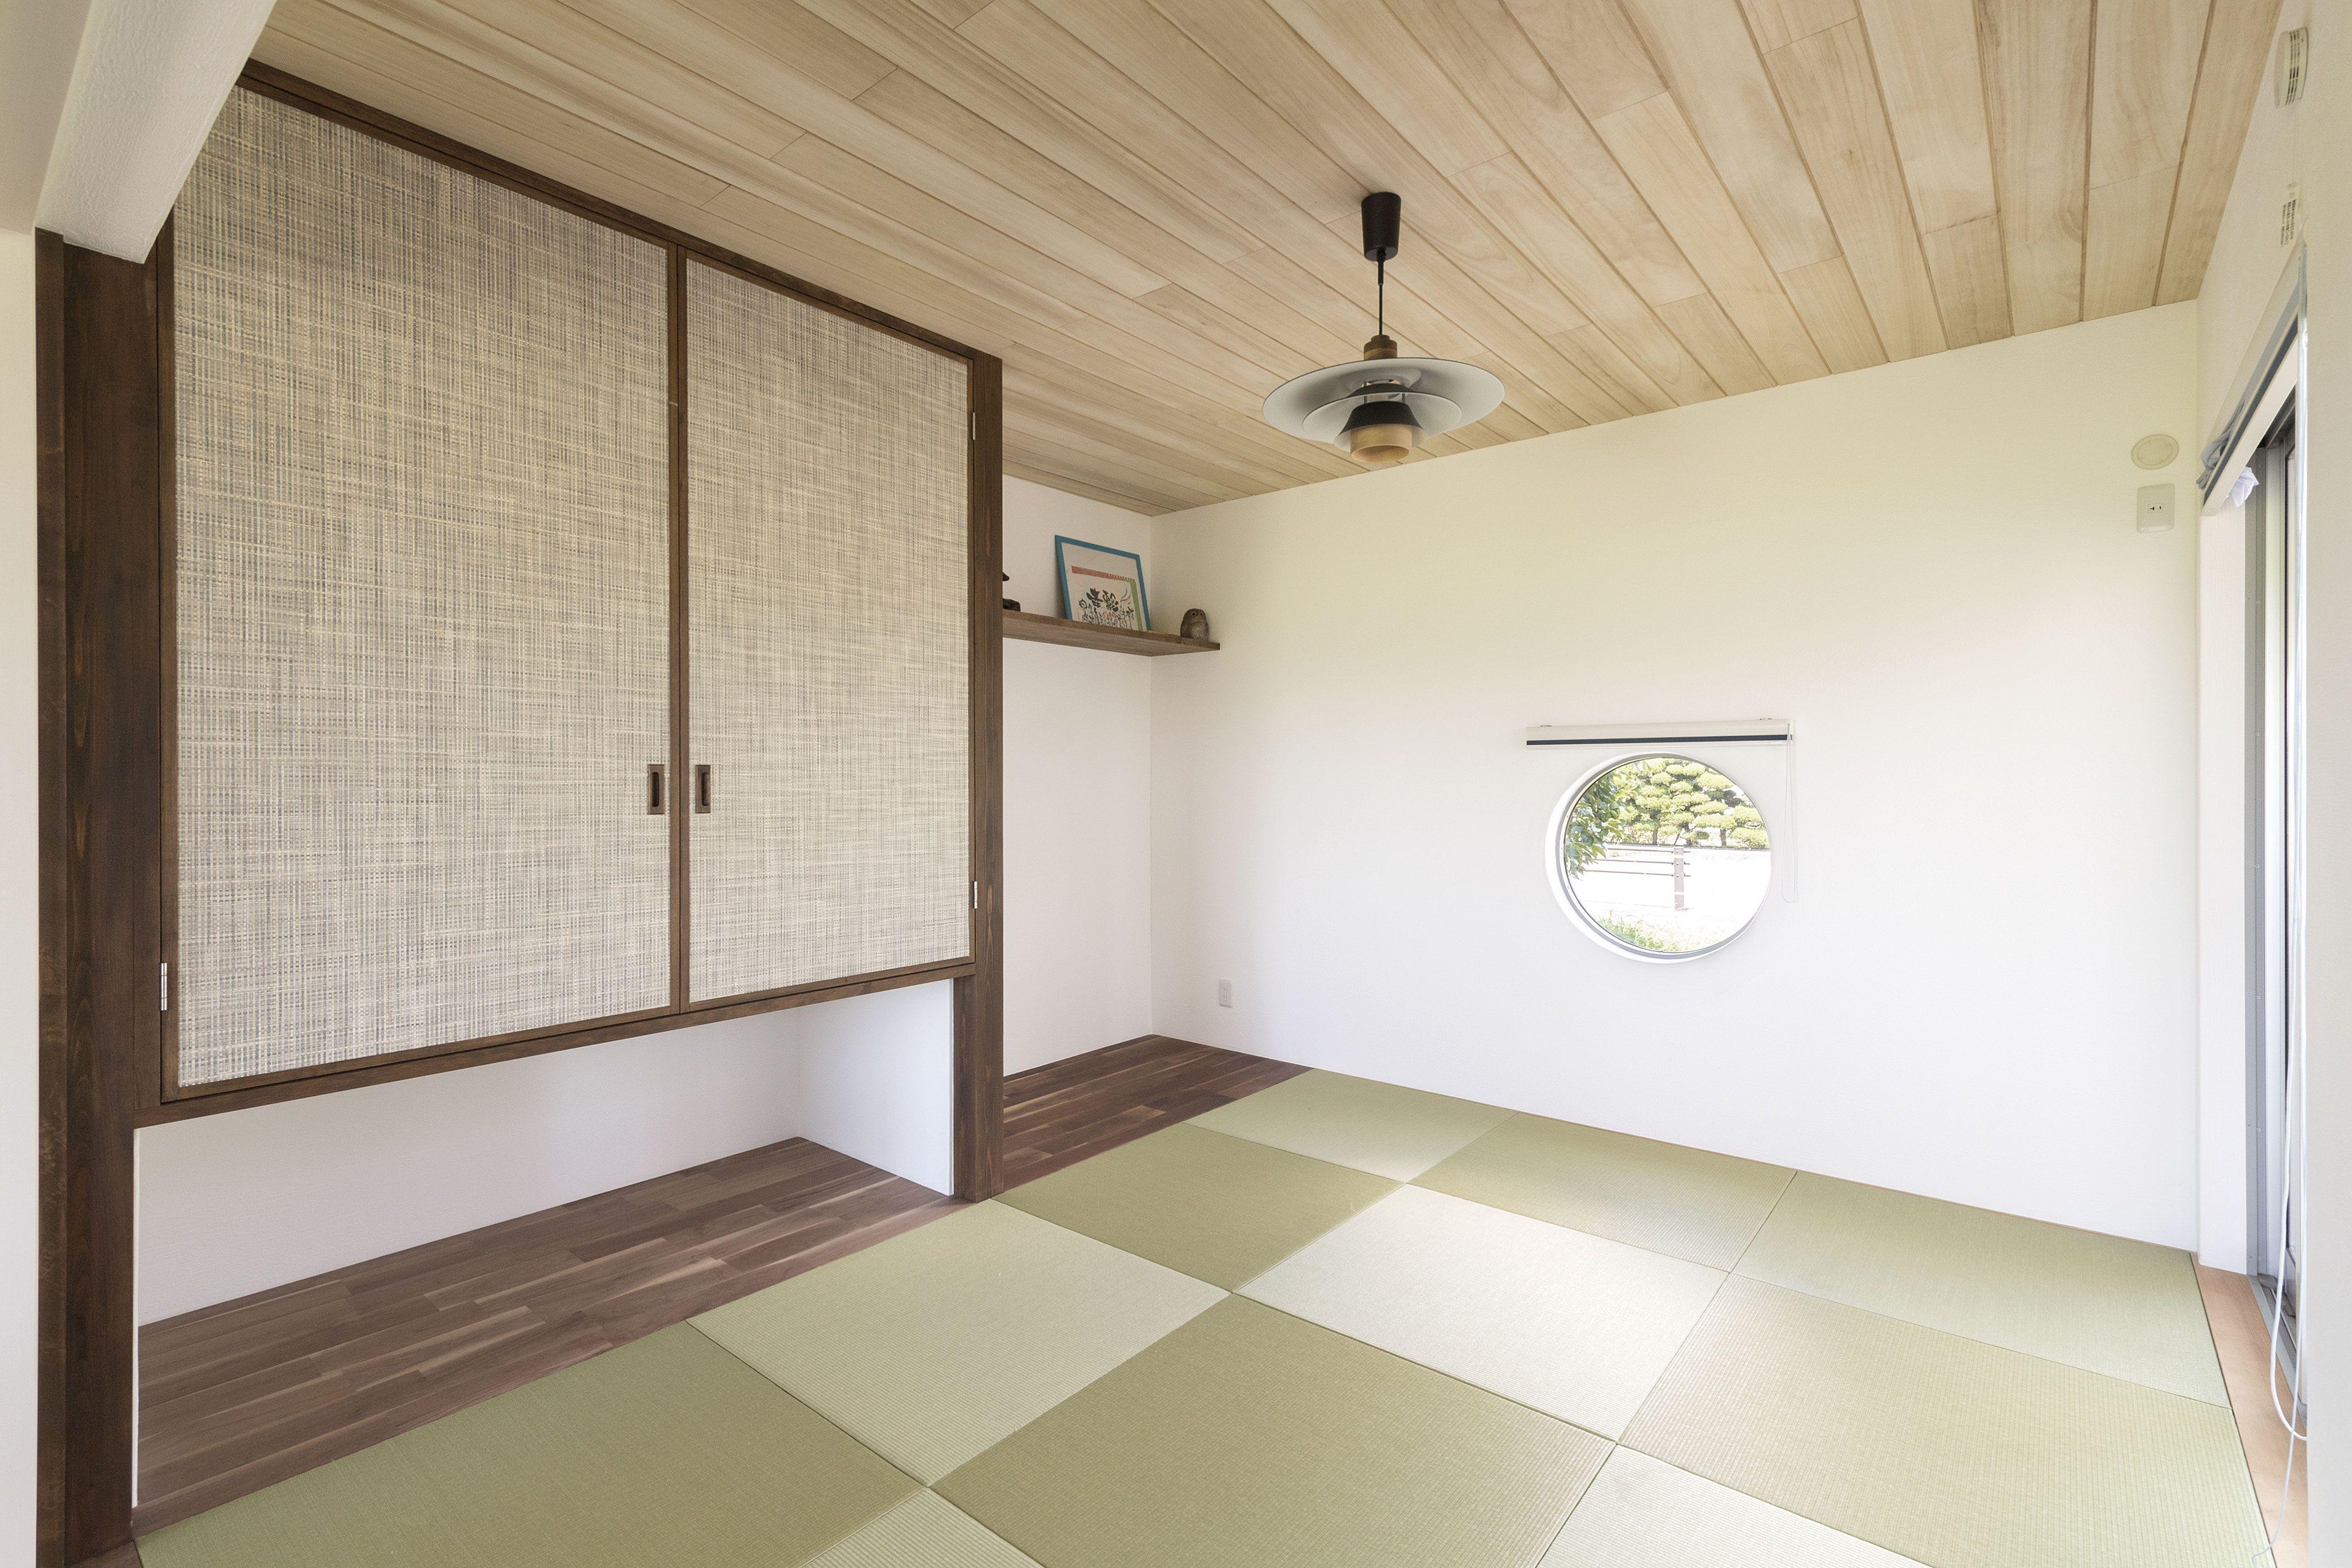 ケース81 和室 天井 無添加住宅 リフォーム アイデア